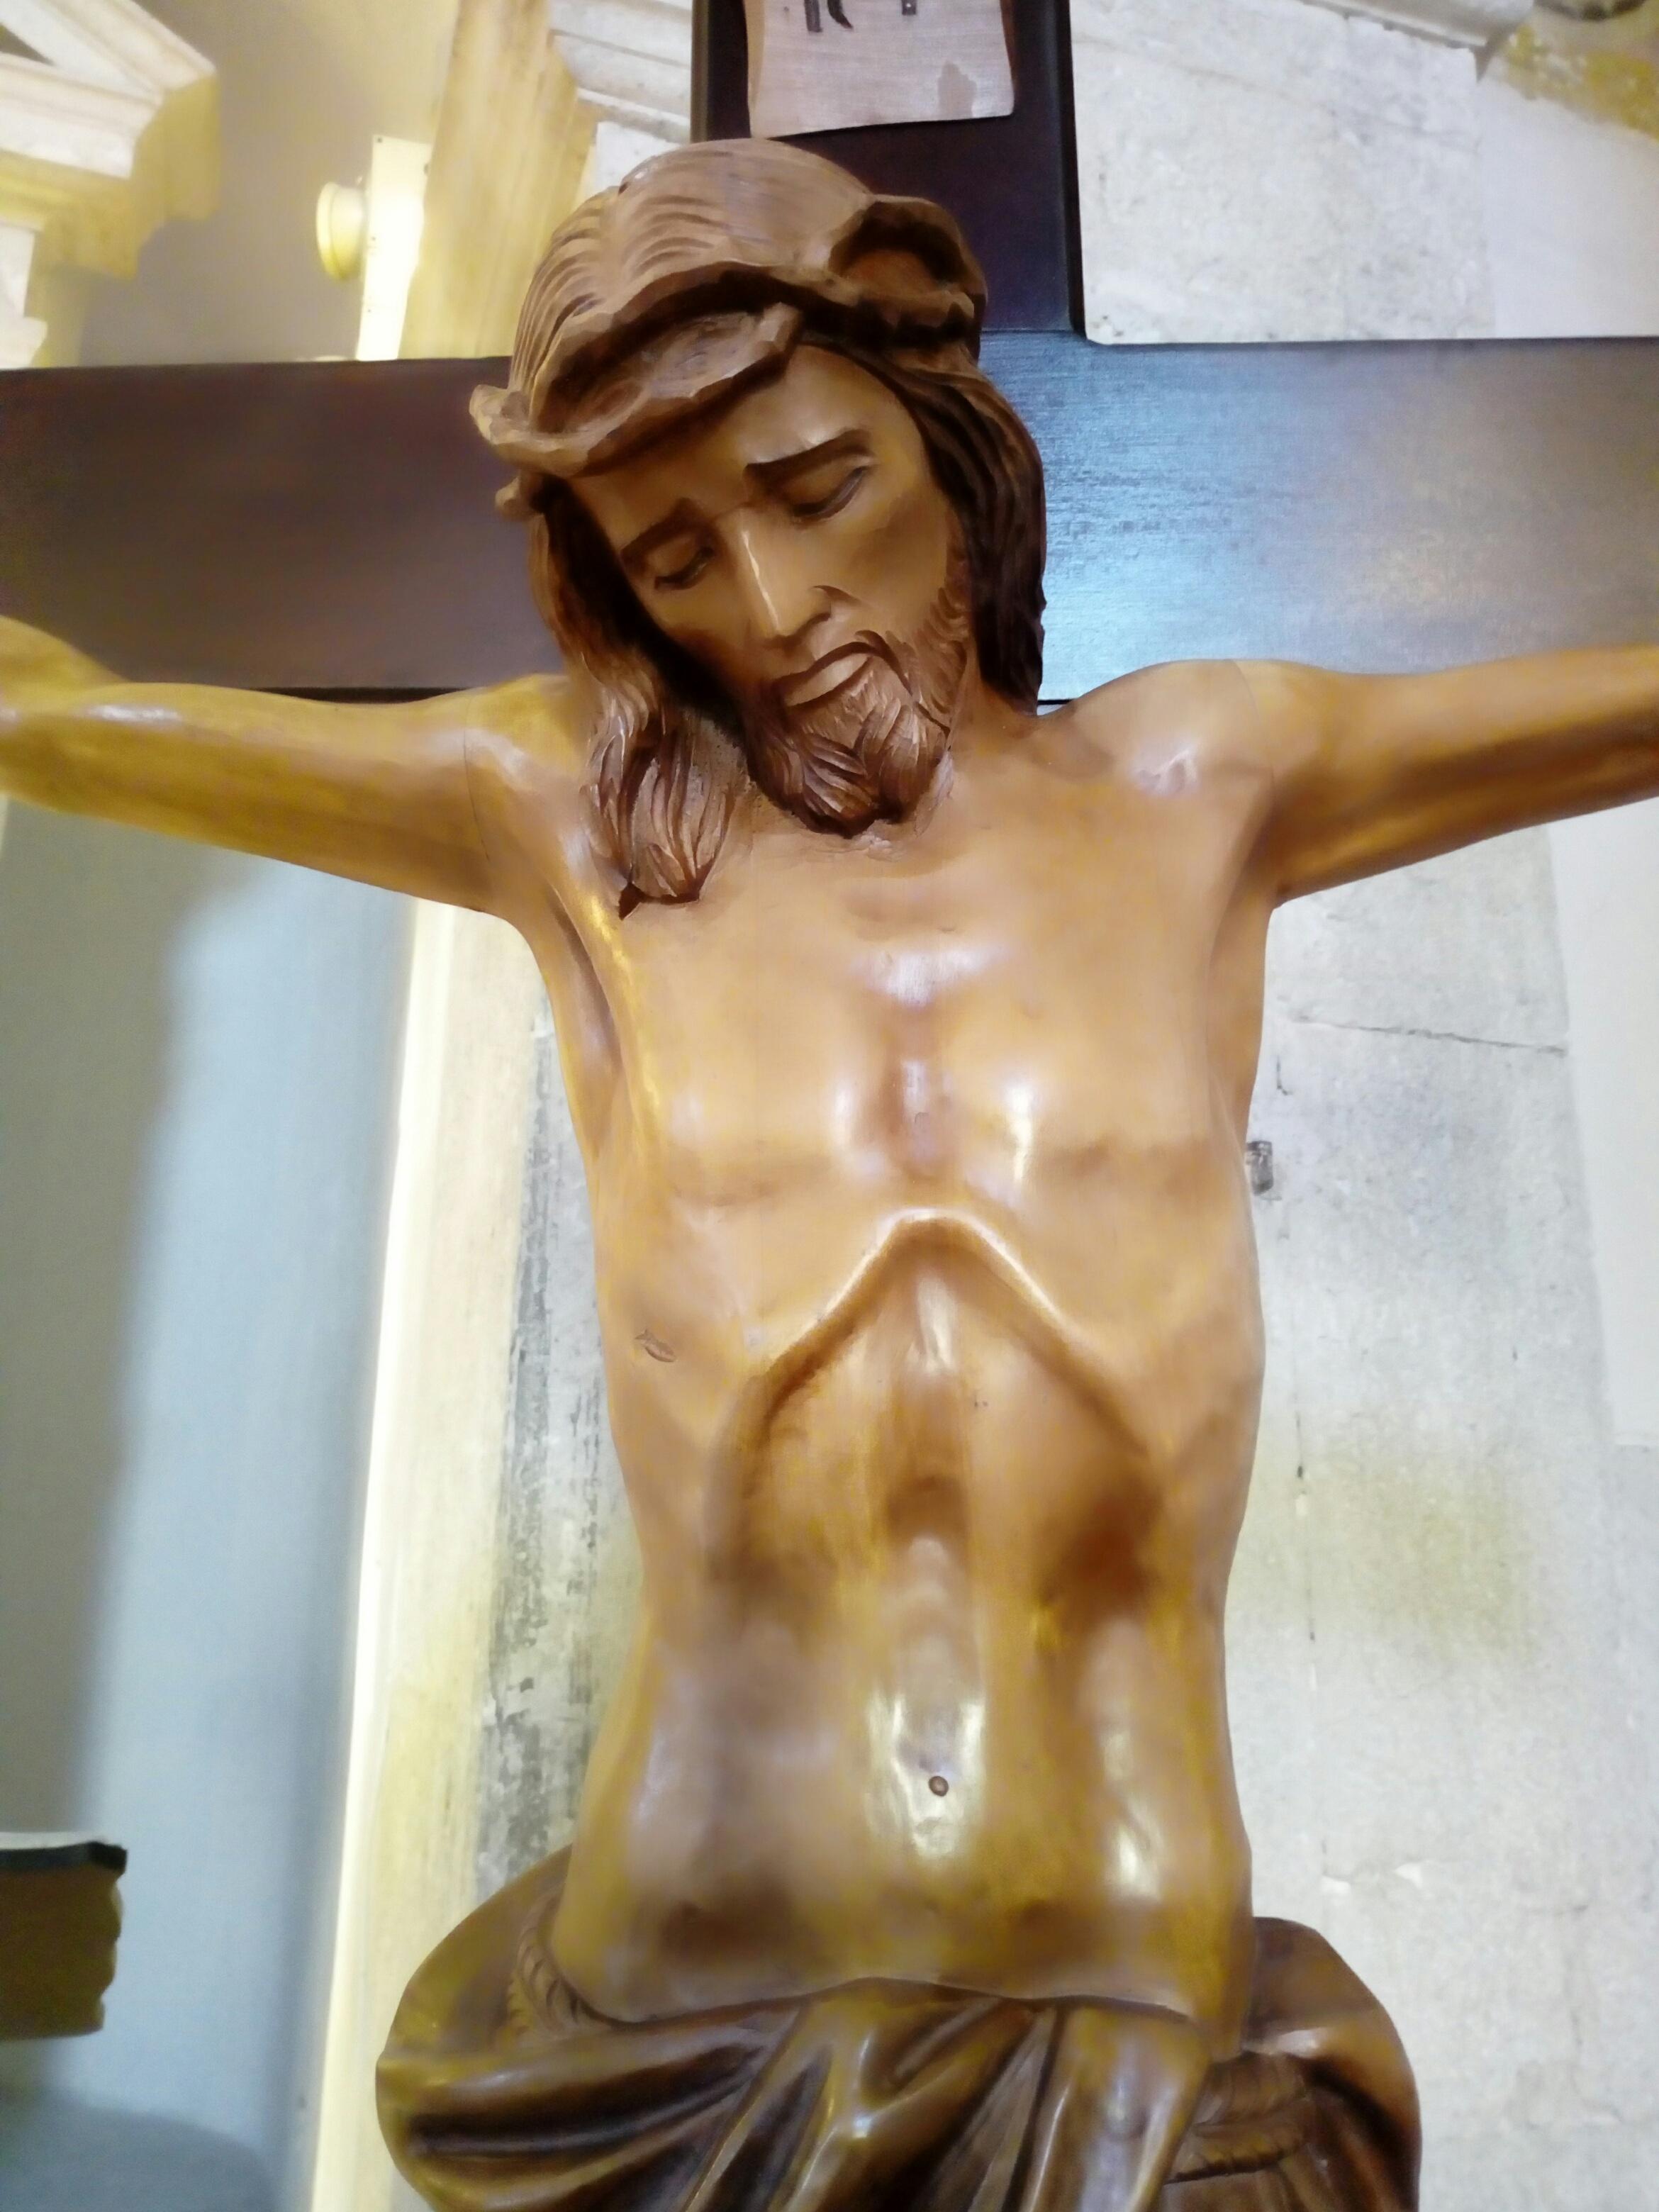 CROCIFISSO IN LEGNO CON CORPO INTAGLIATO A MANO DI CM. 105 ESTRAIBILE DAL  BASAMENTO